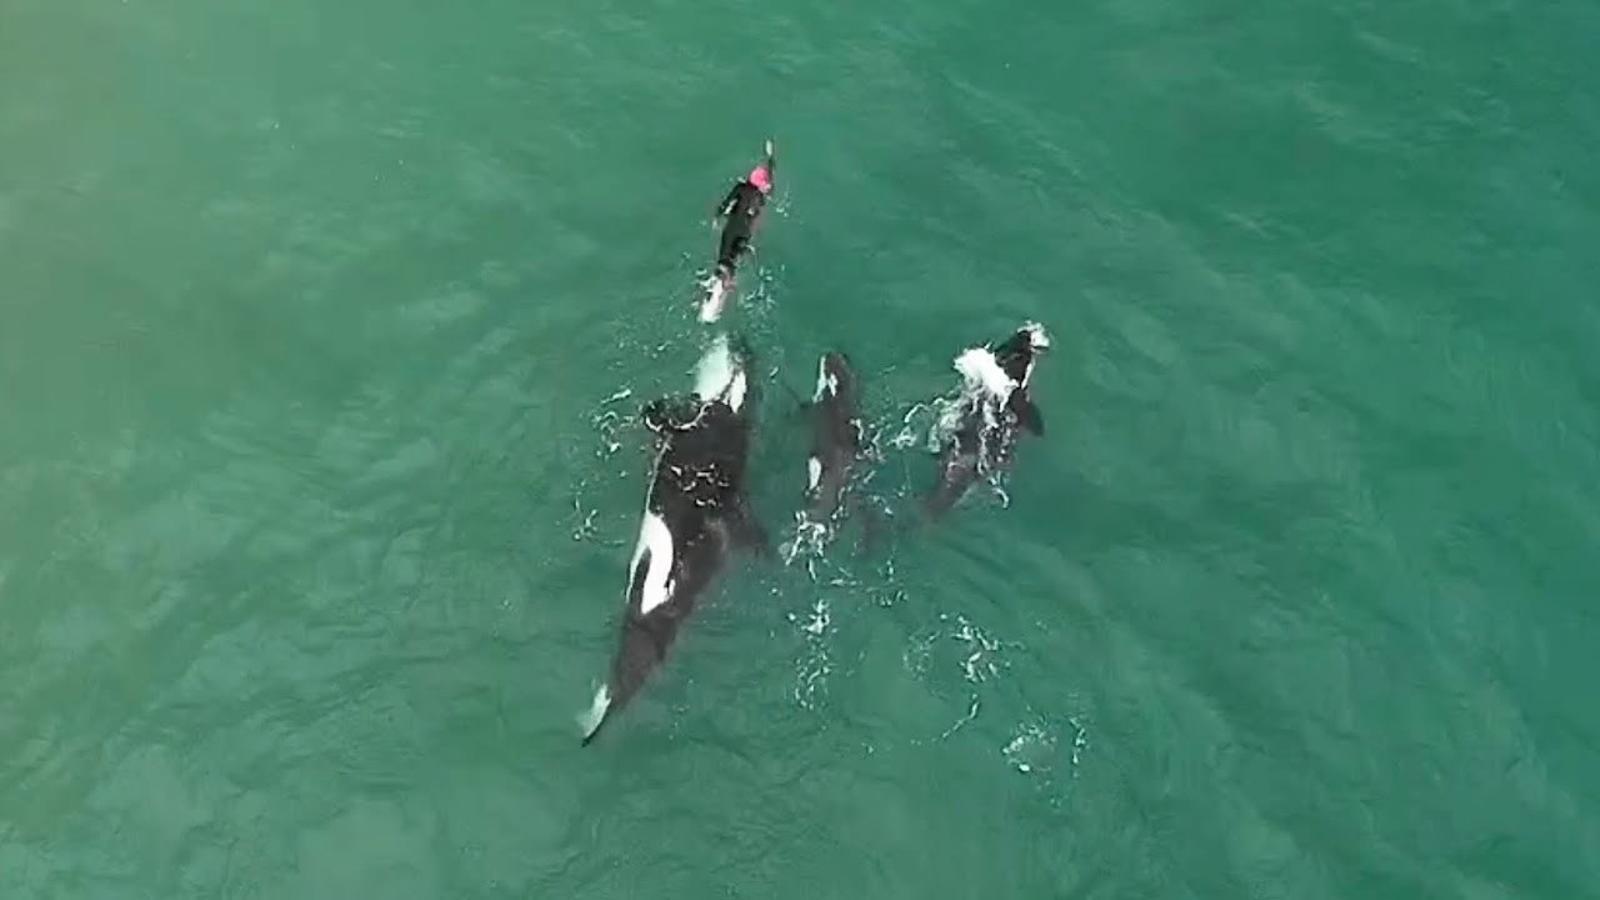 La reacció d'una nedadora quan l'envolten tres orques a Nova Zelanda